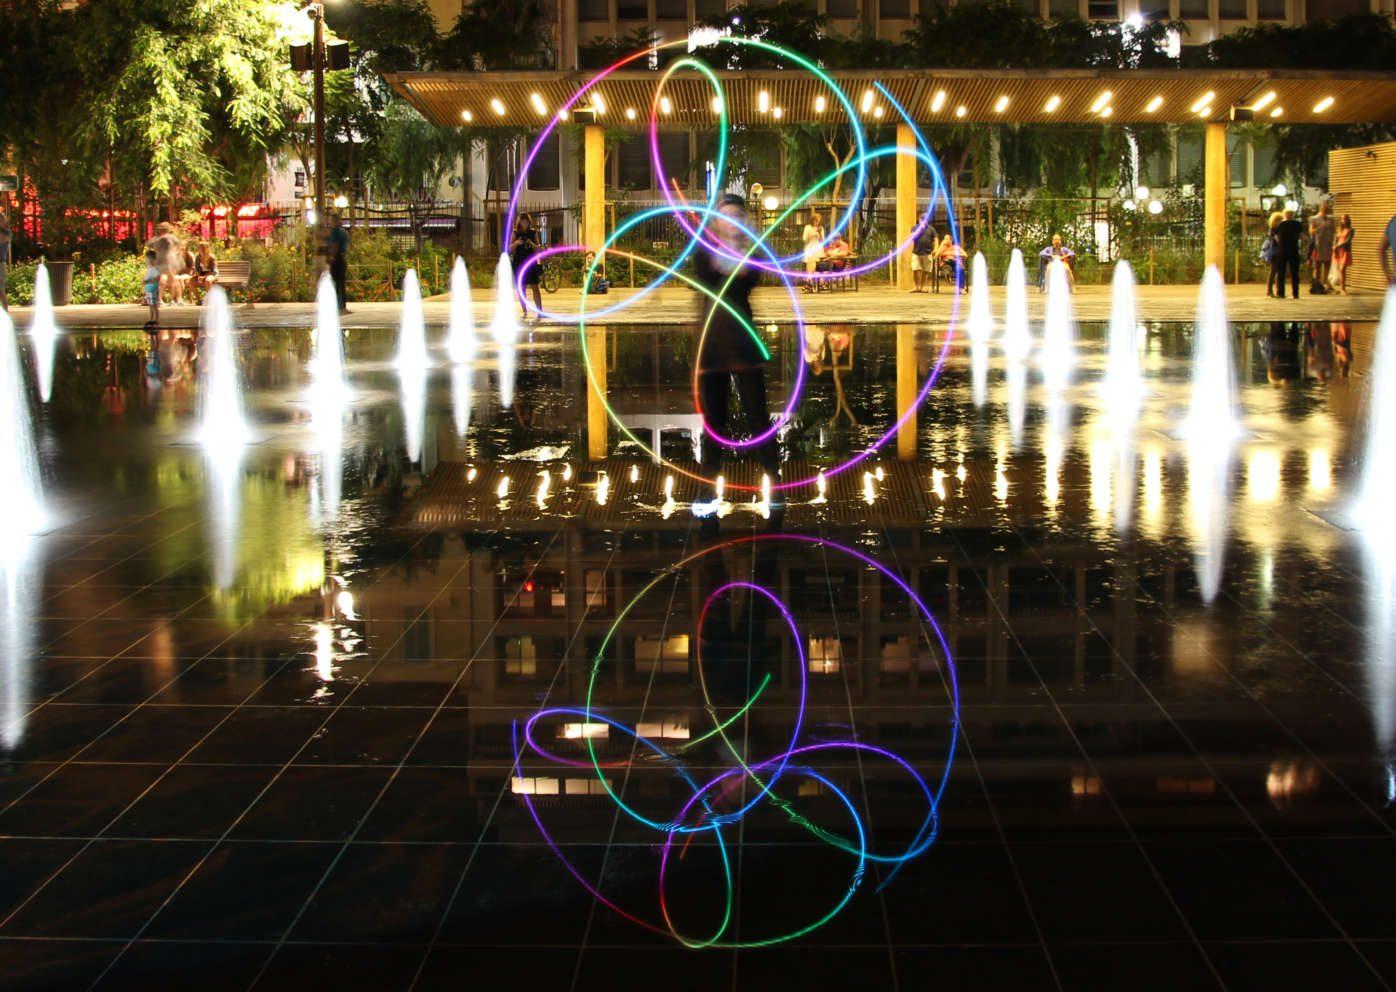 LED show, Spectacle lumineux, jonglage lumineux, spectacle de jonglage, déambulations lumineuses, spectacles lumineux, LED